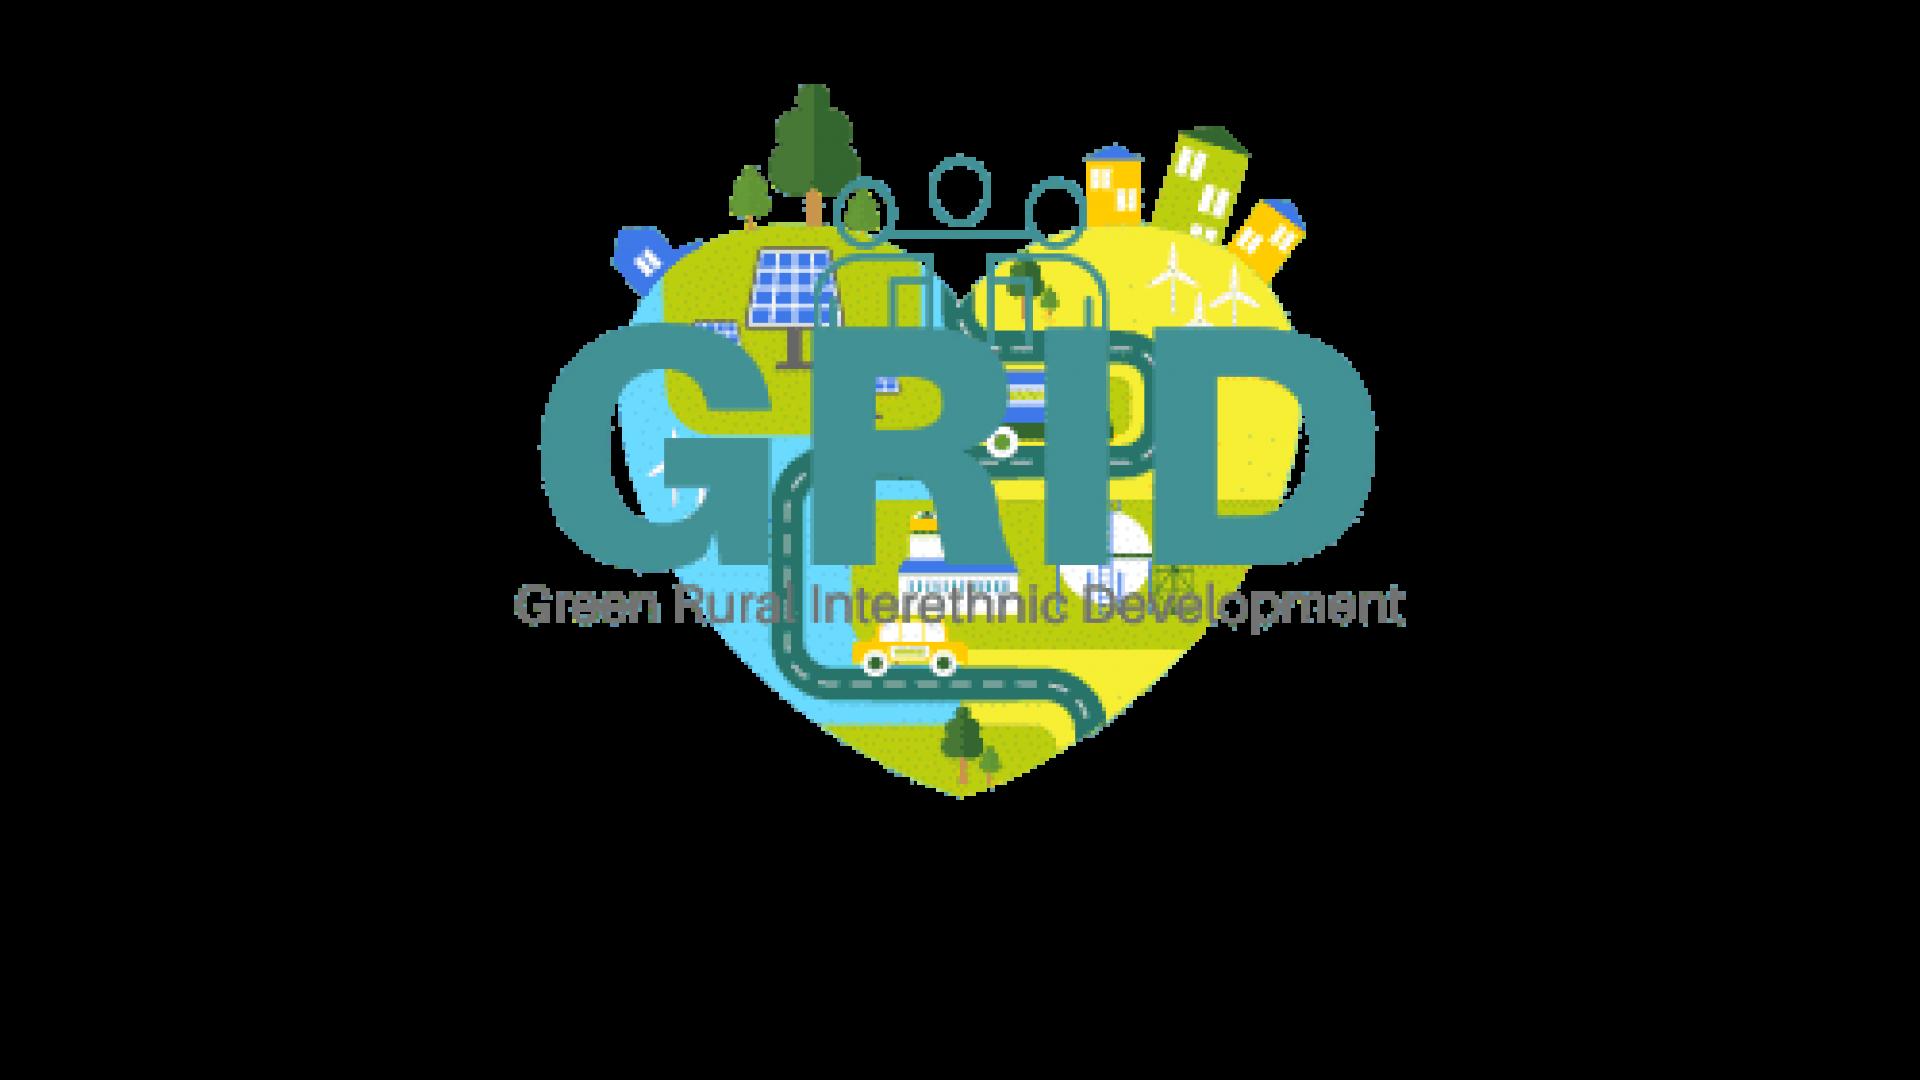 Poziv za mlade i ambiciozne studente za besplatno sudjelovanje u GRID kampu